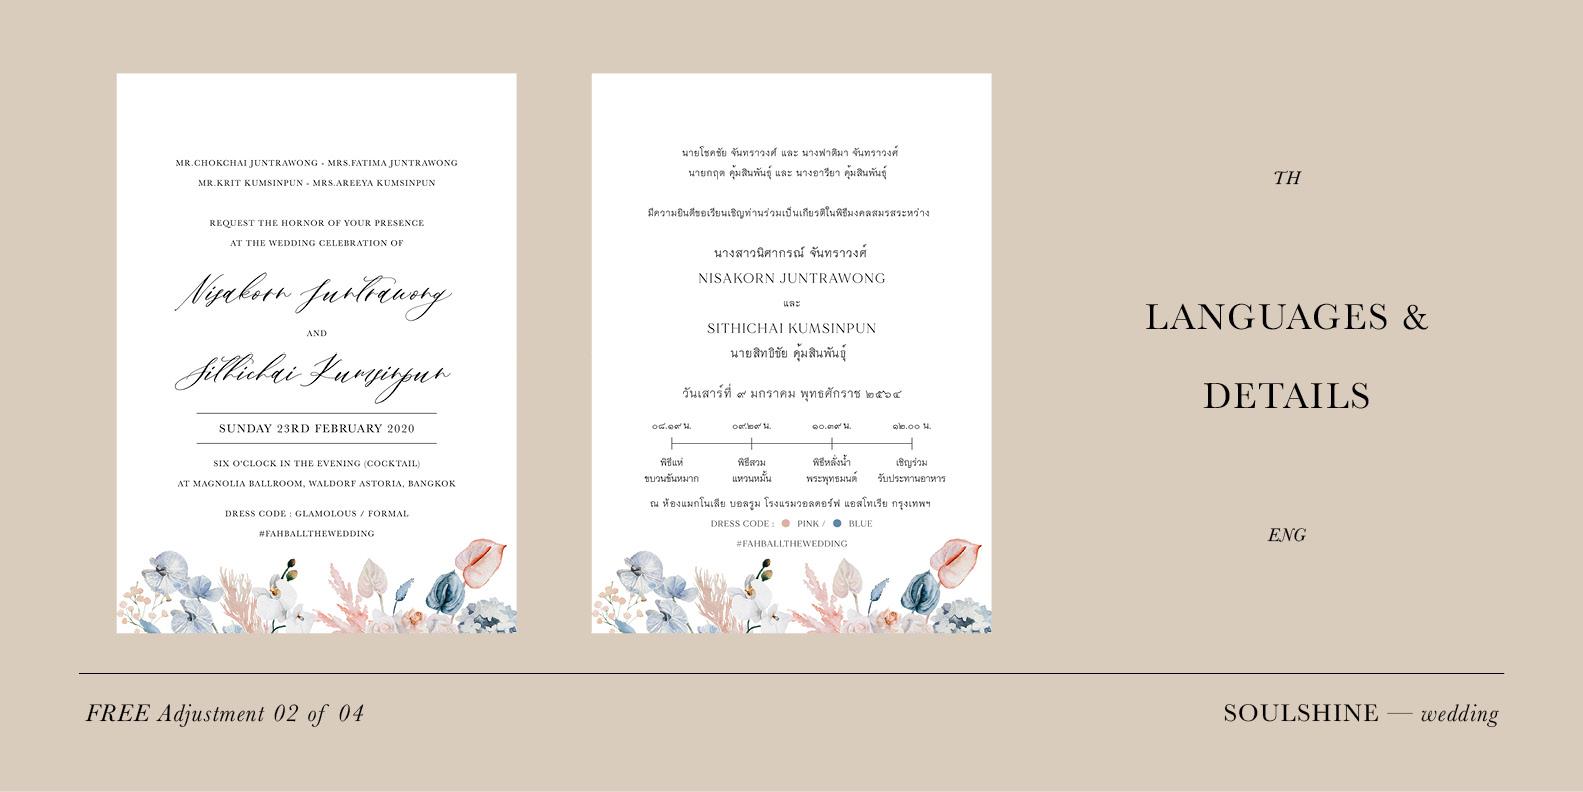 ออกแบบการ์ดแต่งงาน พิมพ์การ์ดแต่งงาน มินิมอล สไตล์เรียบหรู สวยๆ แนววินเทจ เก๋ๆ ปรับแก้แบบการ์ดฟรี 02